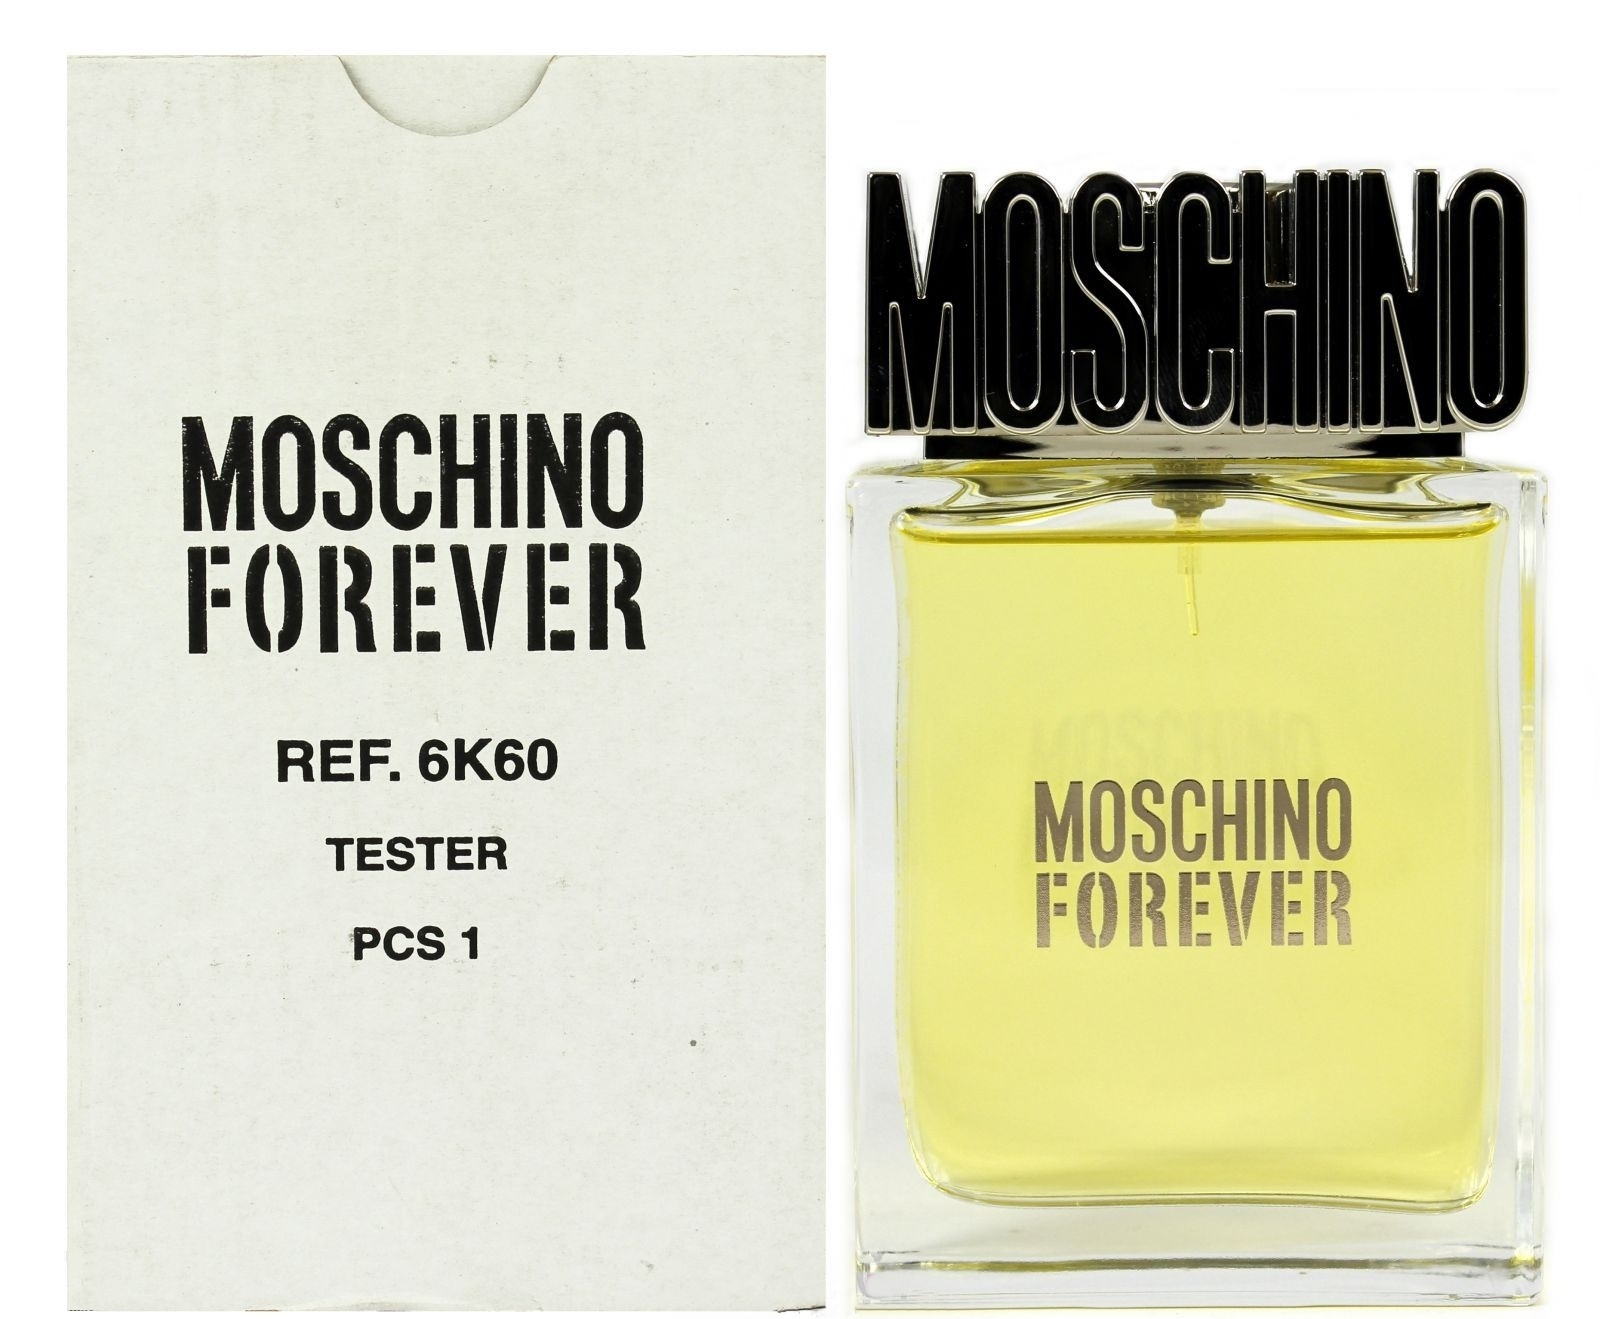 Moschino Forever, Toaletní voda - Tester, 100ml, Pánska vôňa, + AKCE: dárek zdarma